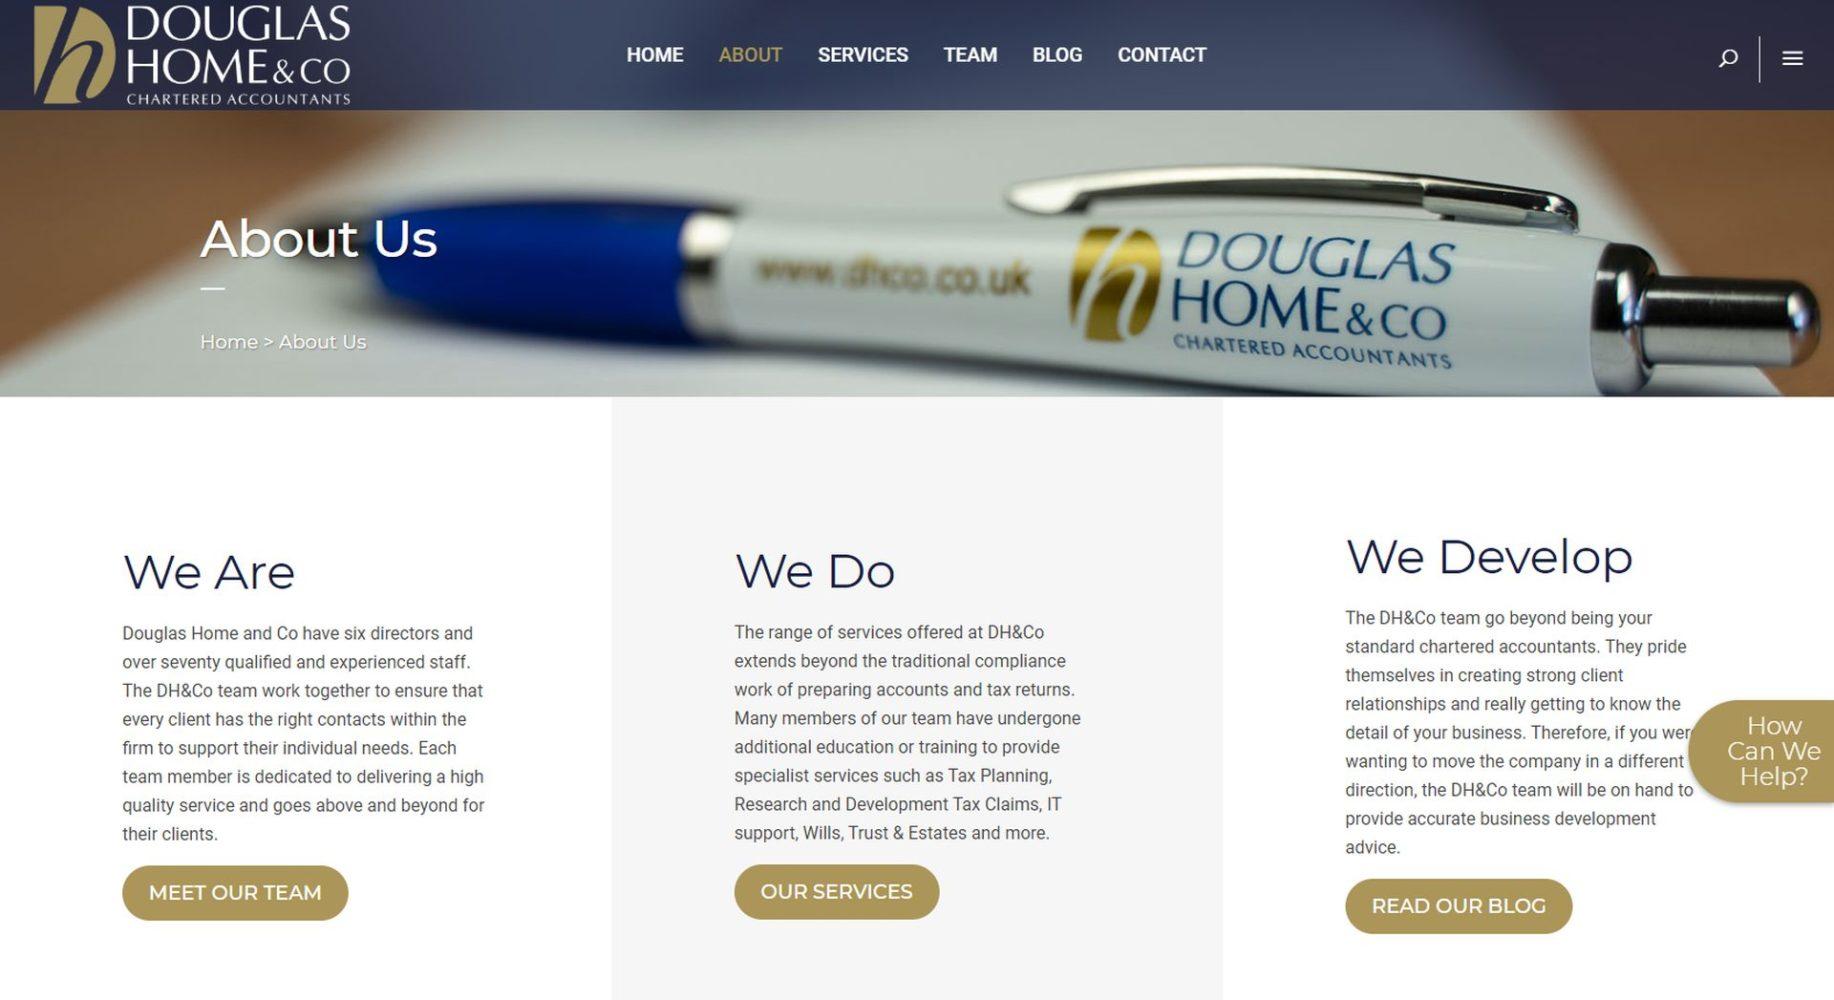 Douglas Home & Co Website Design About Us